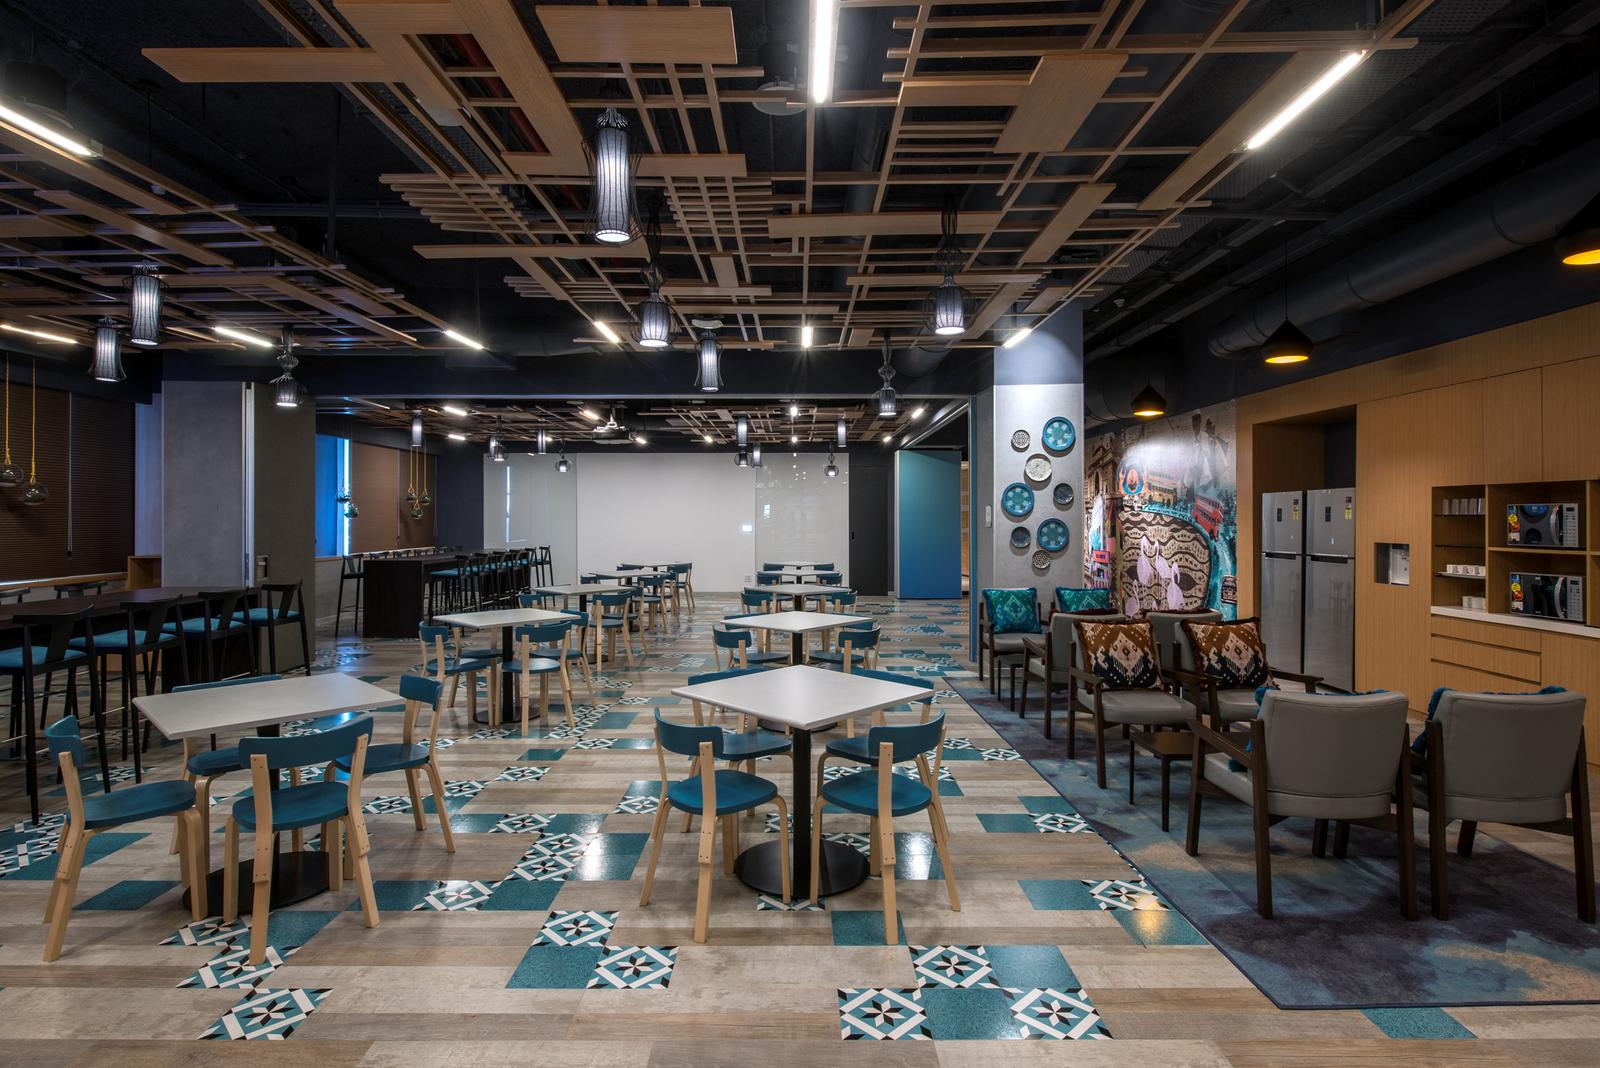 1:微软办公室设计  摘要:一个新兴的11,00平方米的办公室,在这个正在